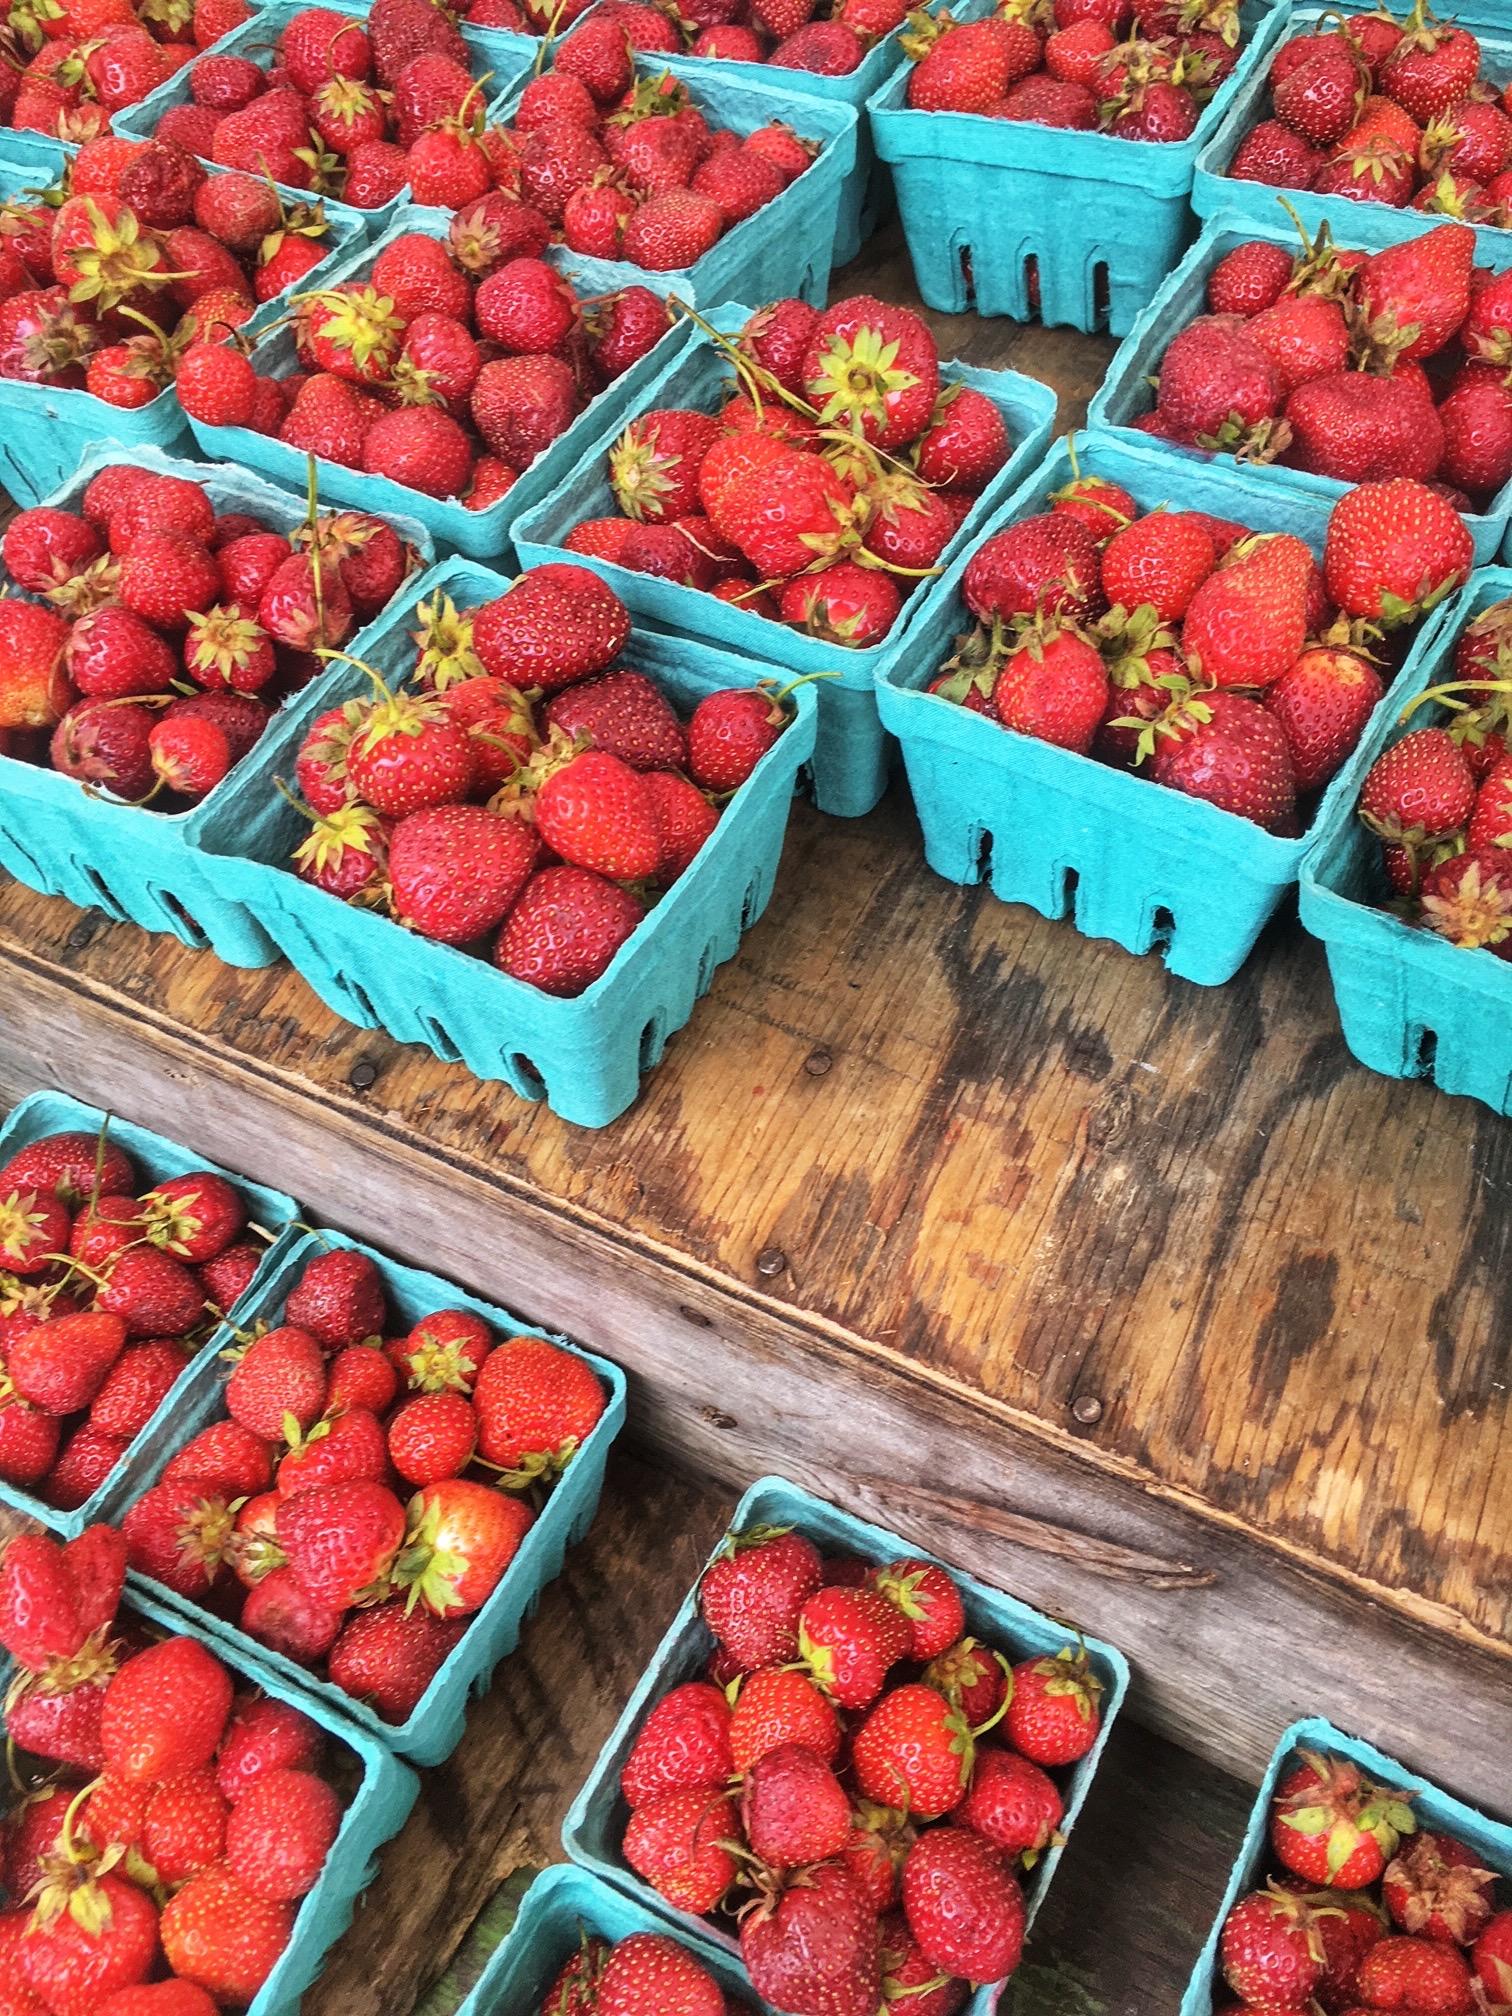 Berries at u-pick farm